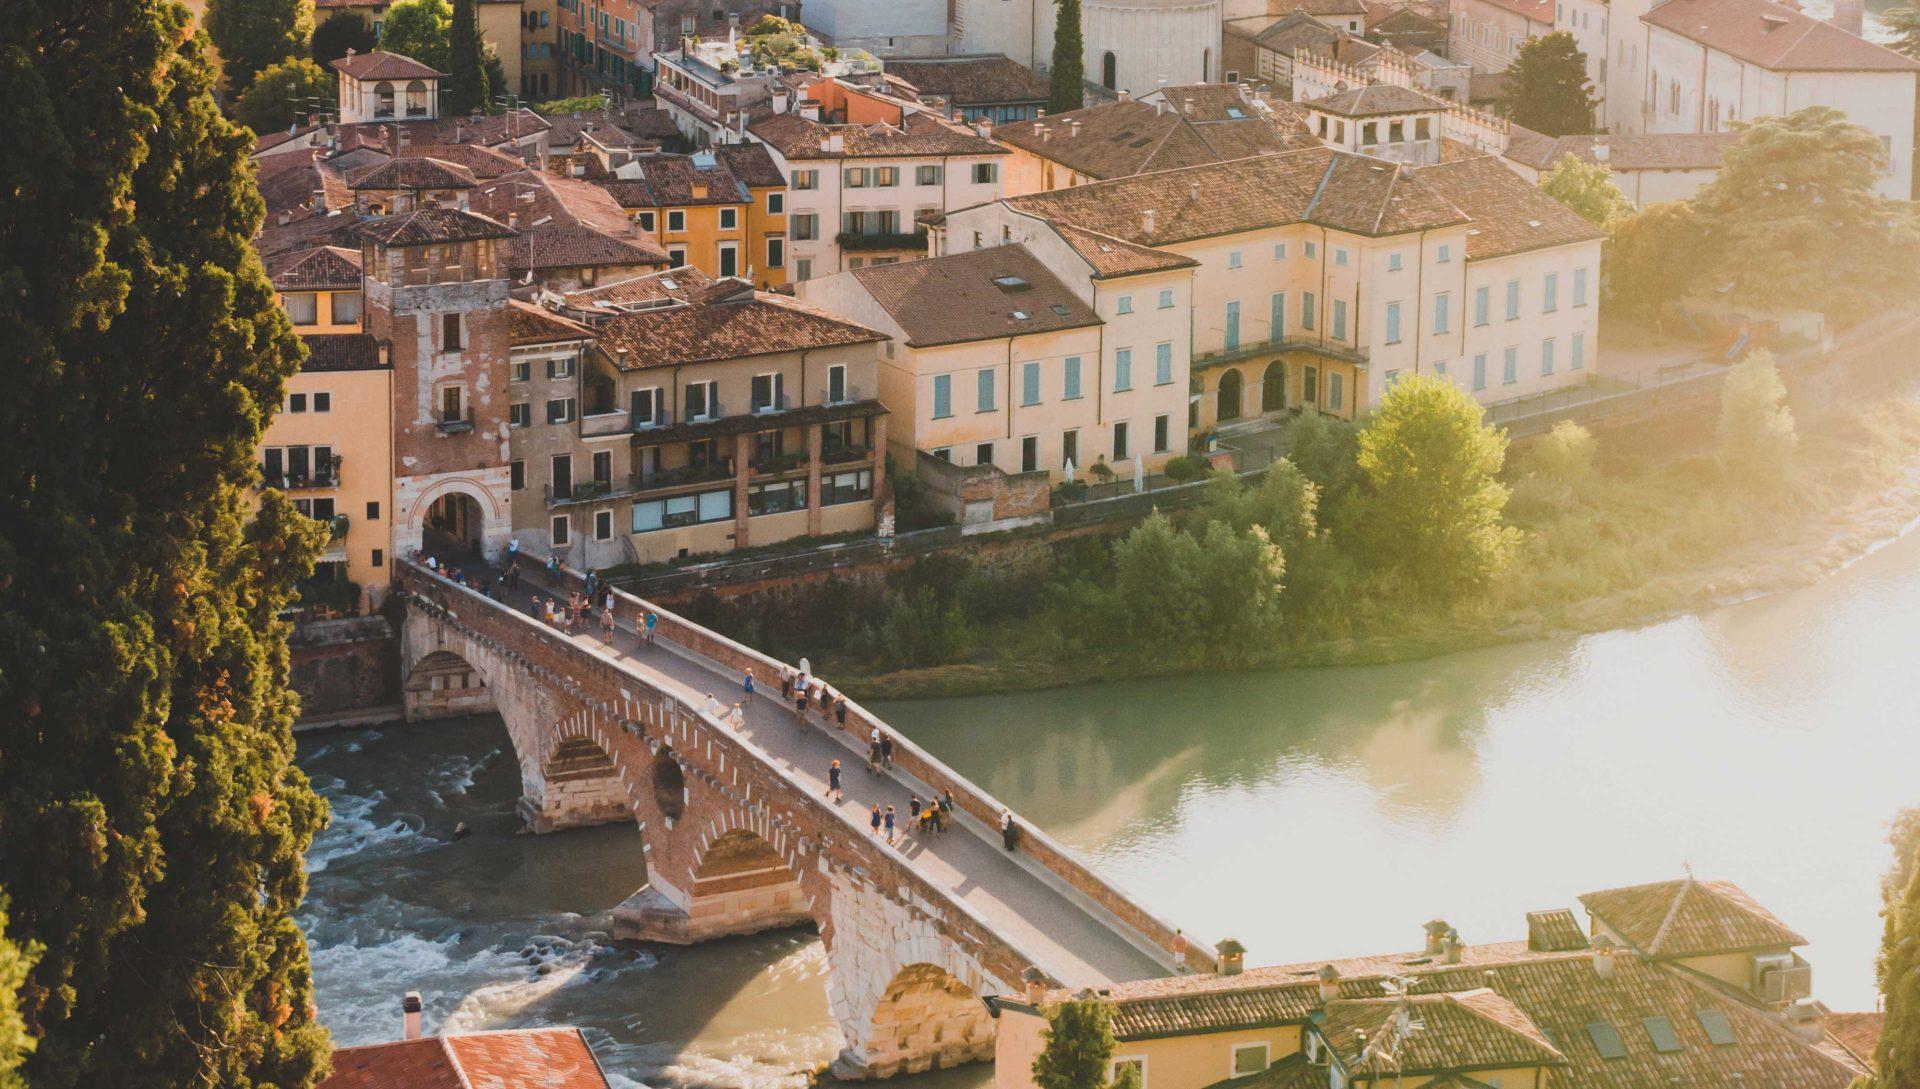 Ponte Pietra a Verona visto dall'alto